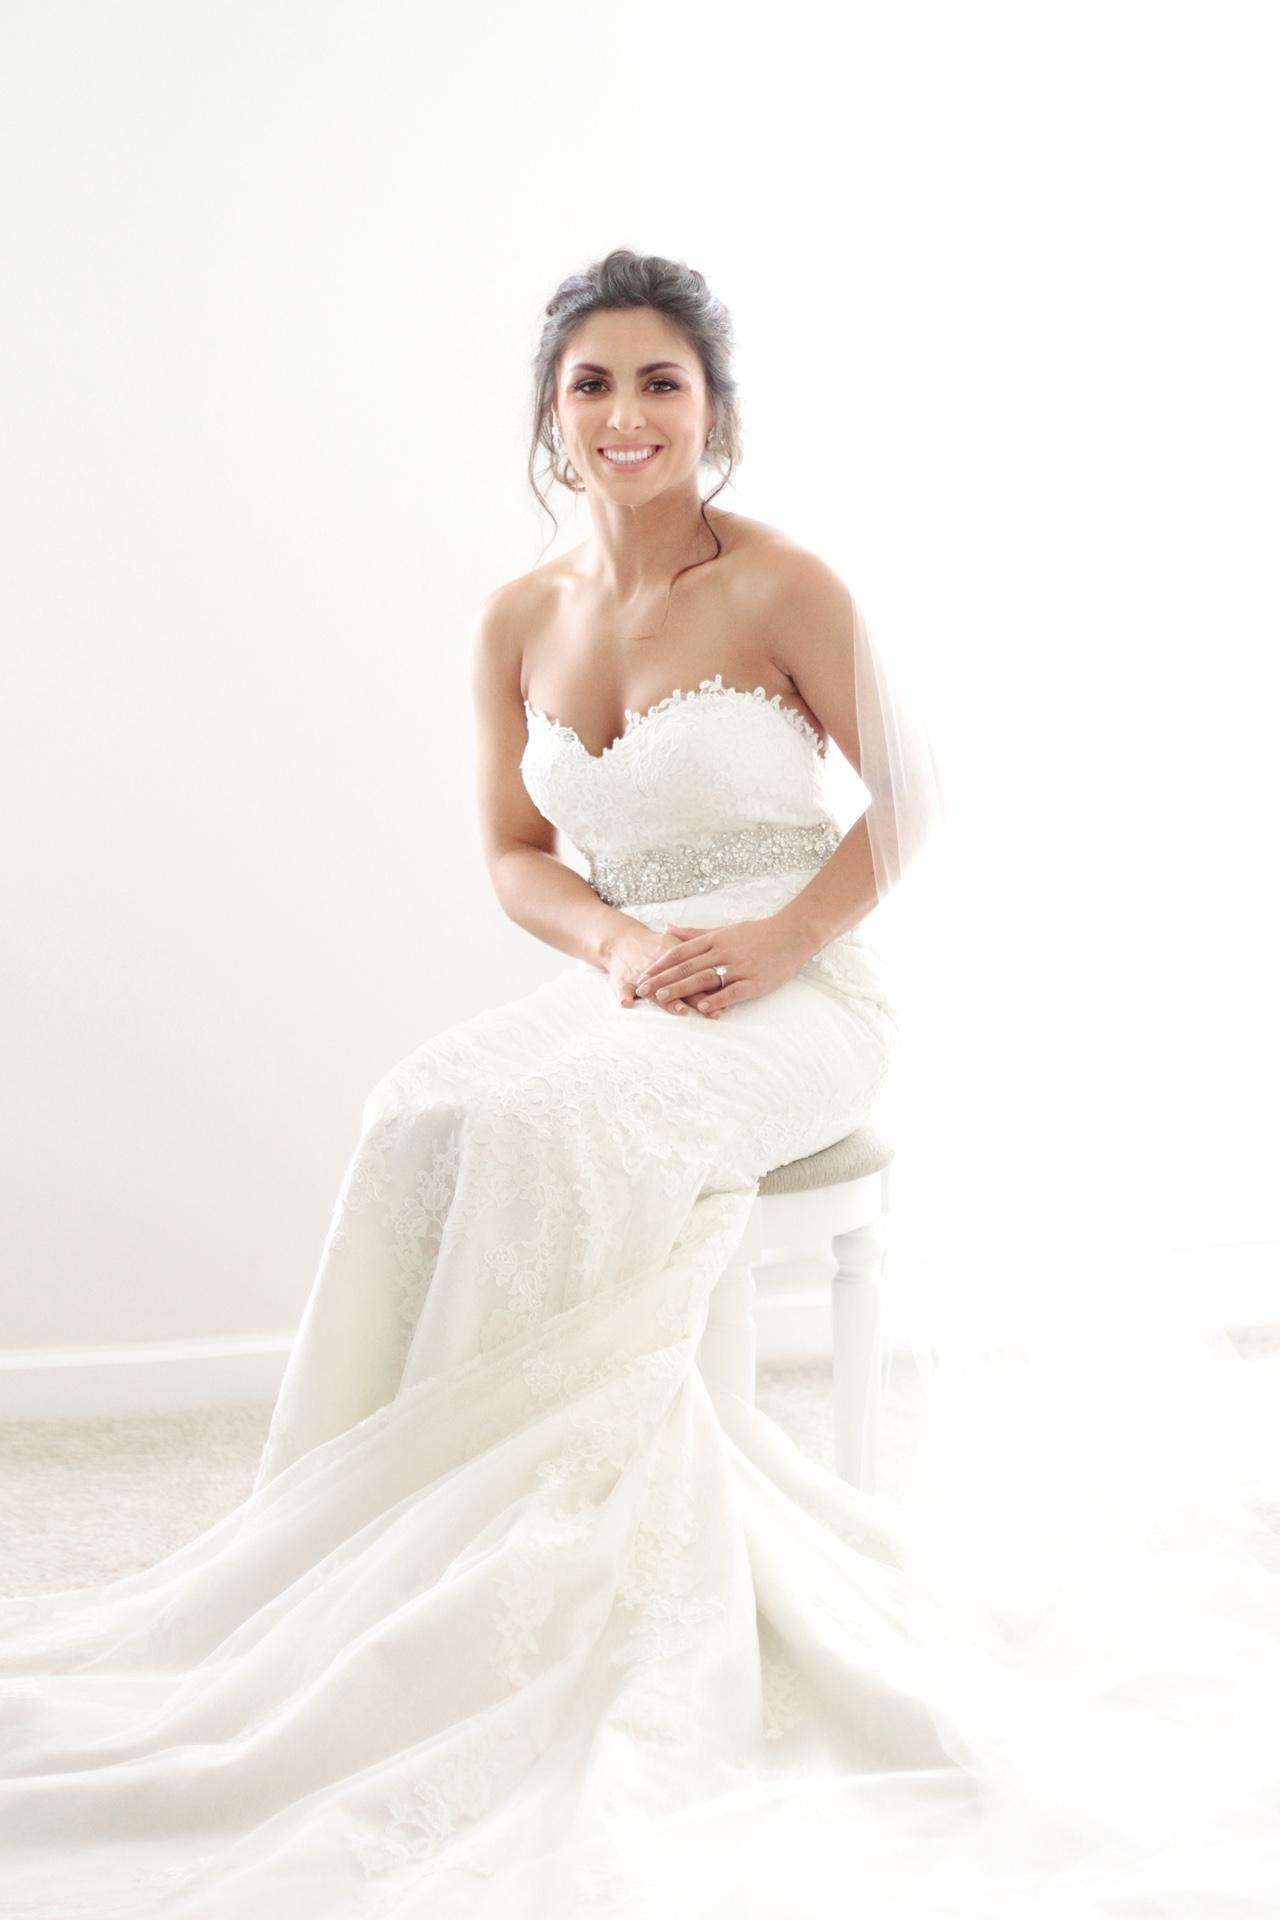 seated-bride-araujo